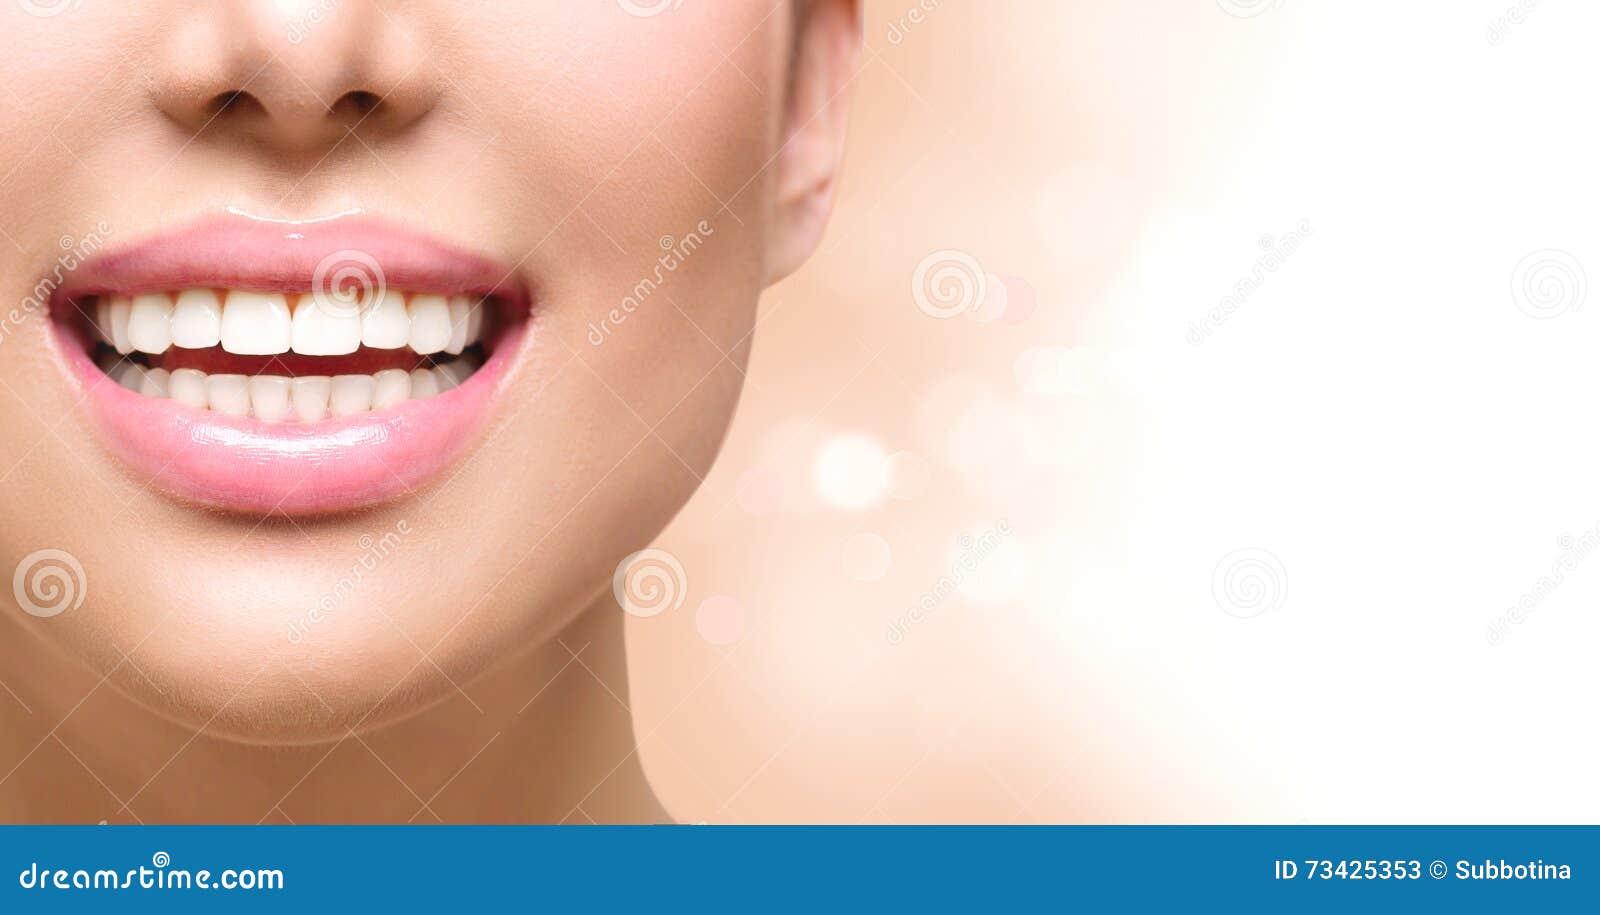 Sorriso saudável Dentes que whitening Cuidado dental